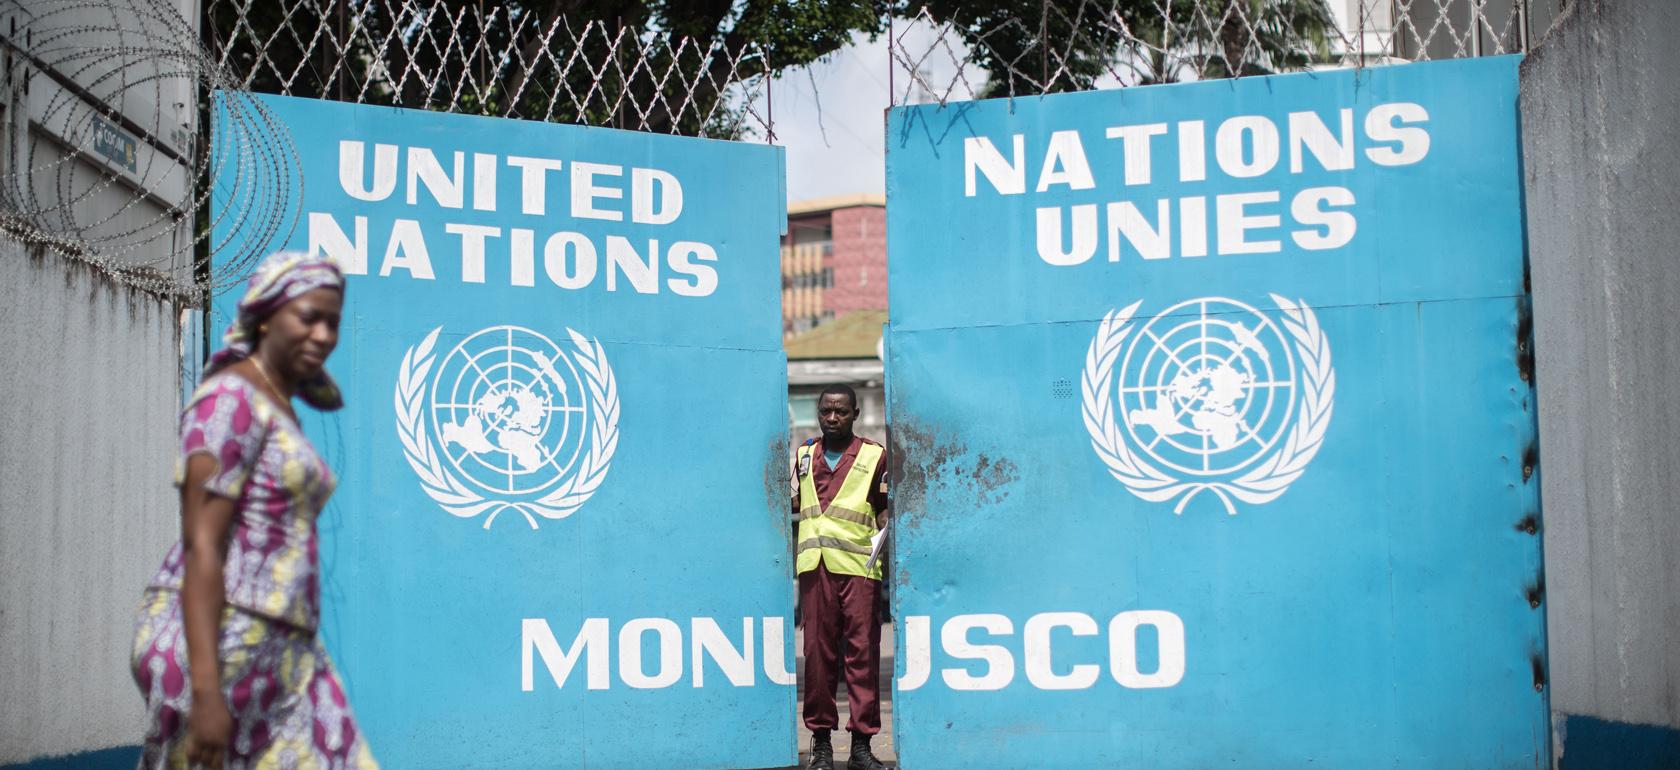 RDC : Monusco, les opérations annuelles coûtent 1,3 milliard USD 9